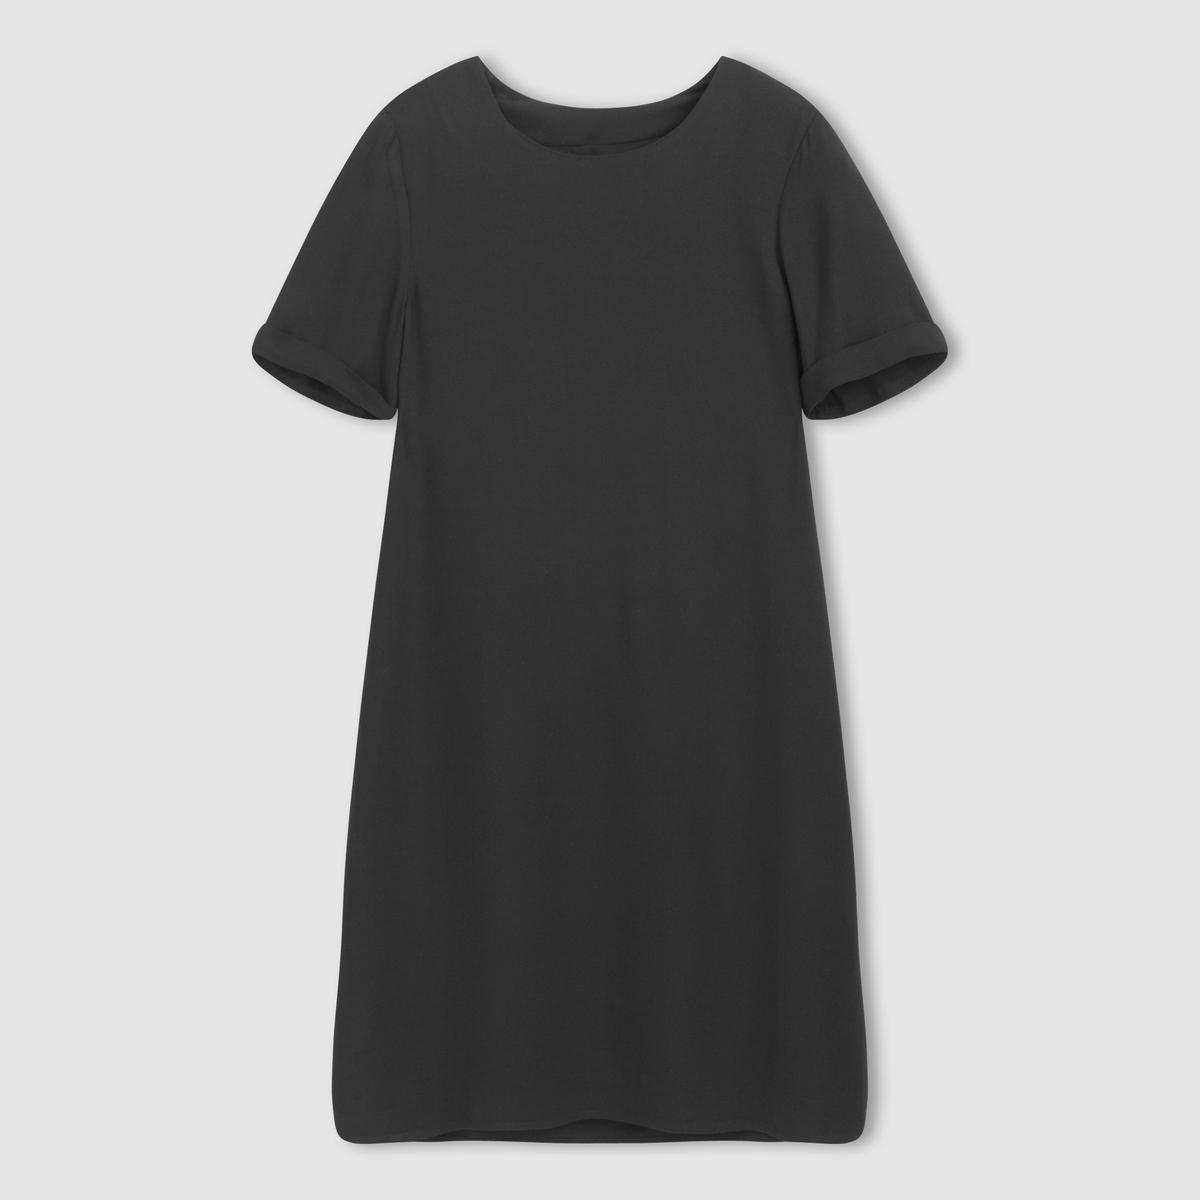 Платье с короткими рукавамиПлатье-футляр. 100% вискозы. Подкладка из 100% полиэстера. Короткие рукава. Закругленный вырез. Длина ок.95 см.<br><br>Цвет: фиолетовый,черный<br>Размер: 34 (FR) - 40 (RUS).36 (FR) - 42 (RUS).34 (FR) - 40 (RUS)